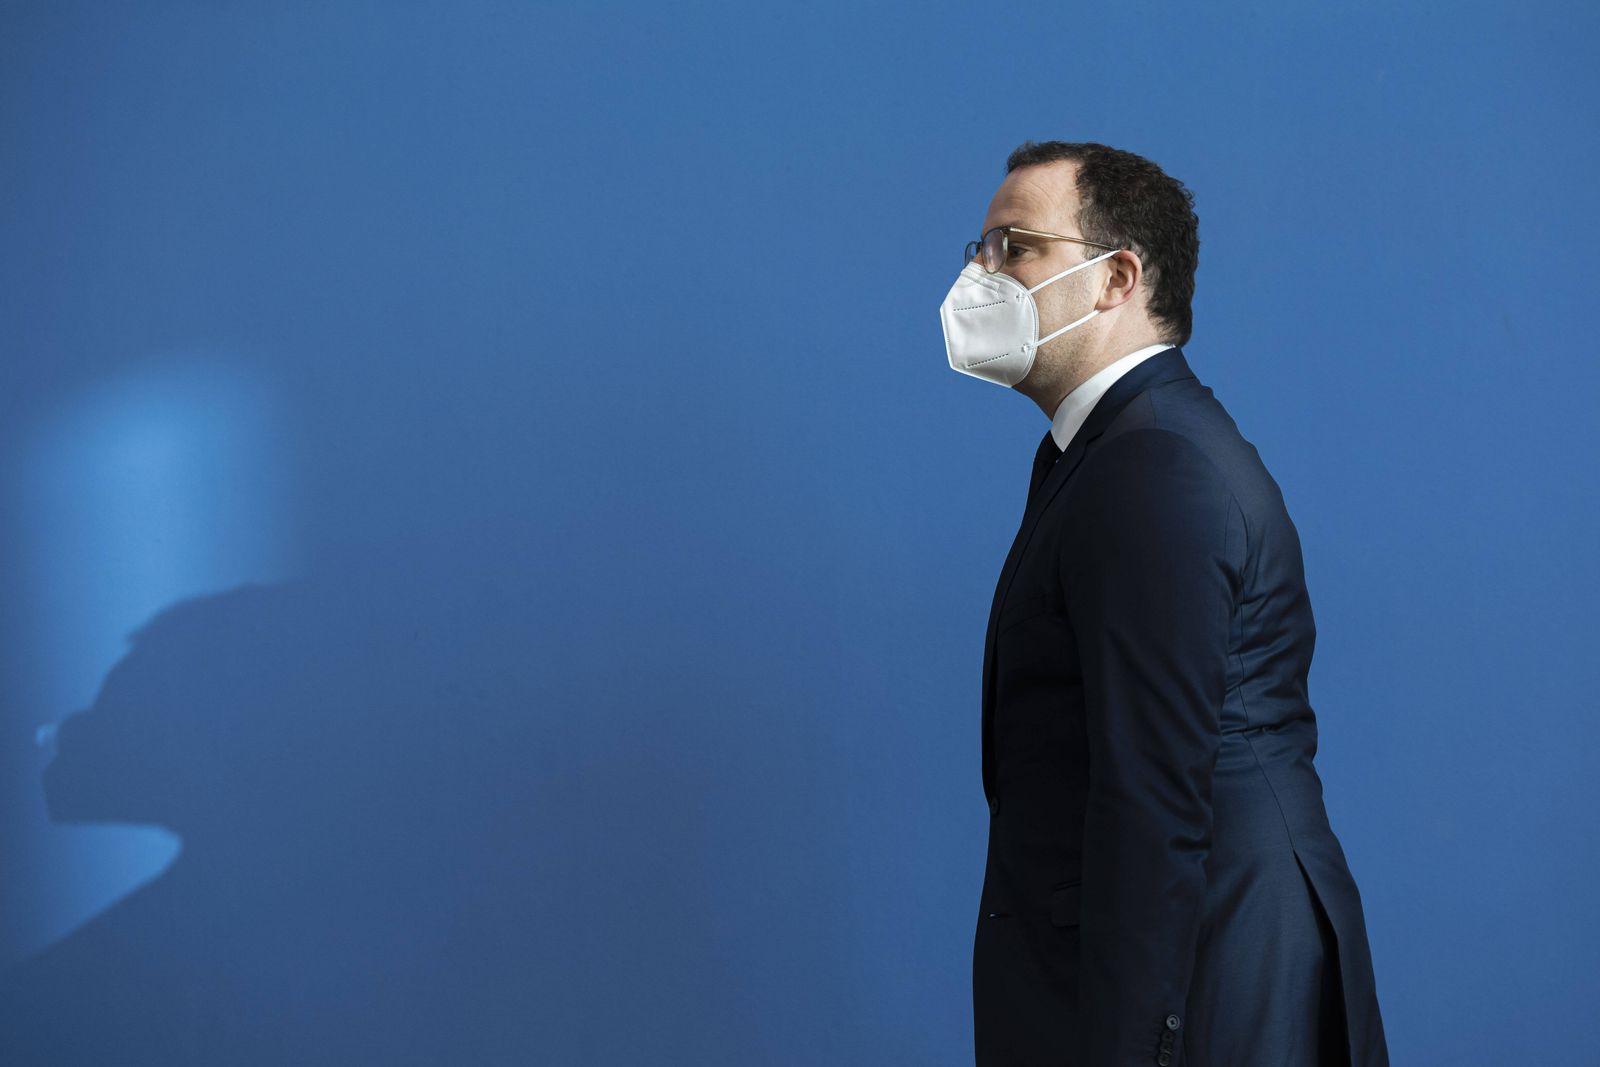 Berlin, Bundespressekonferenz, Die Pandemielage im Lockdown Jens Spahn, CDU, Bundesminister fuer Gesundheit, spricht in